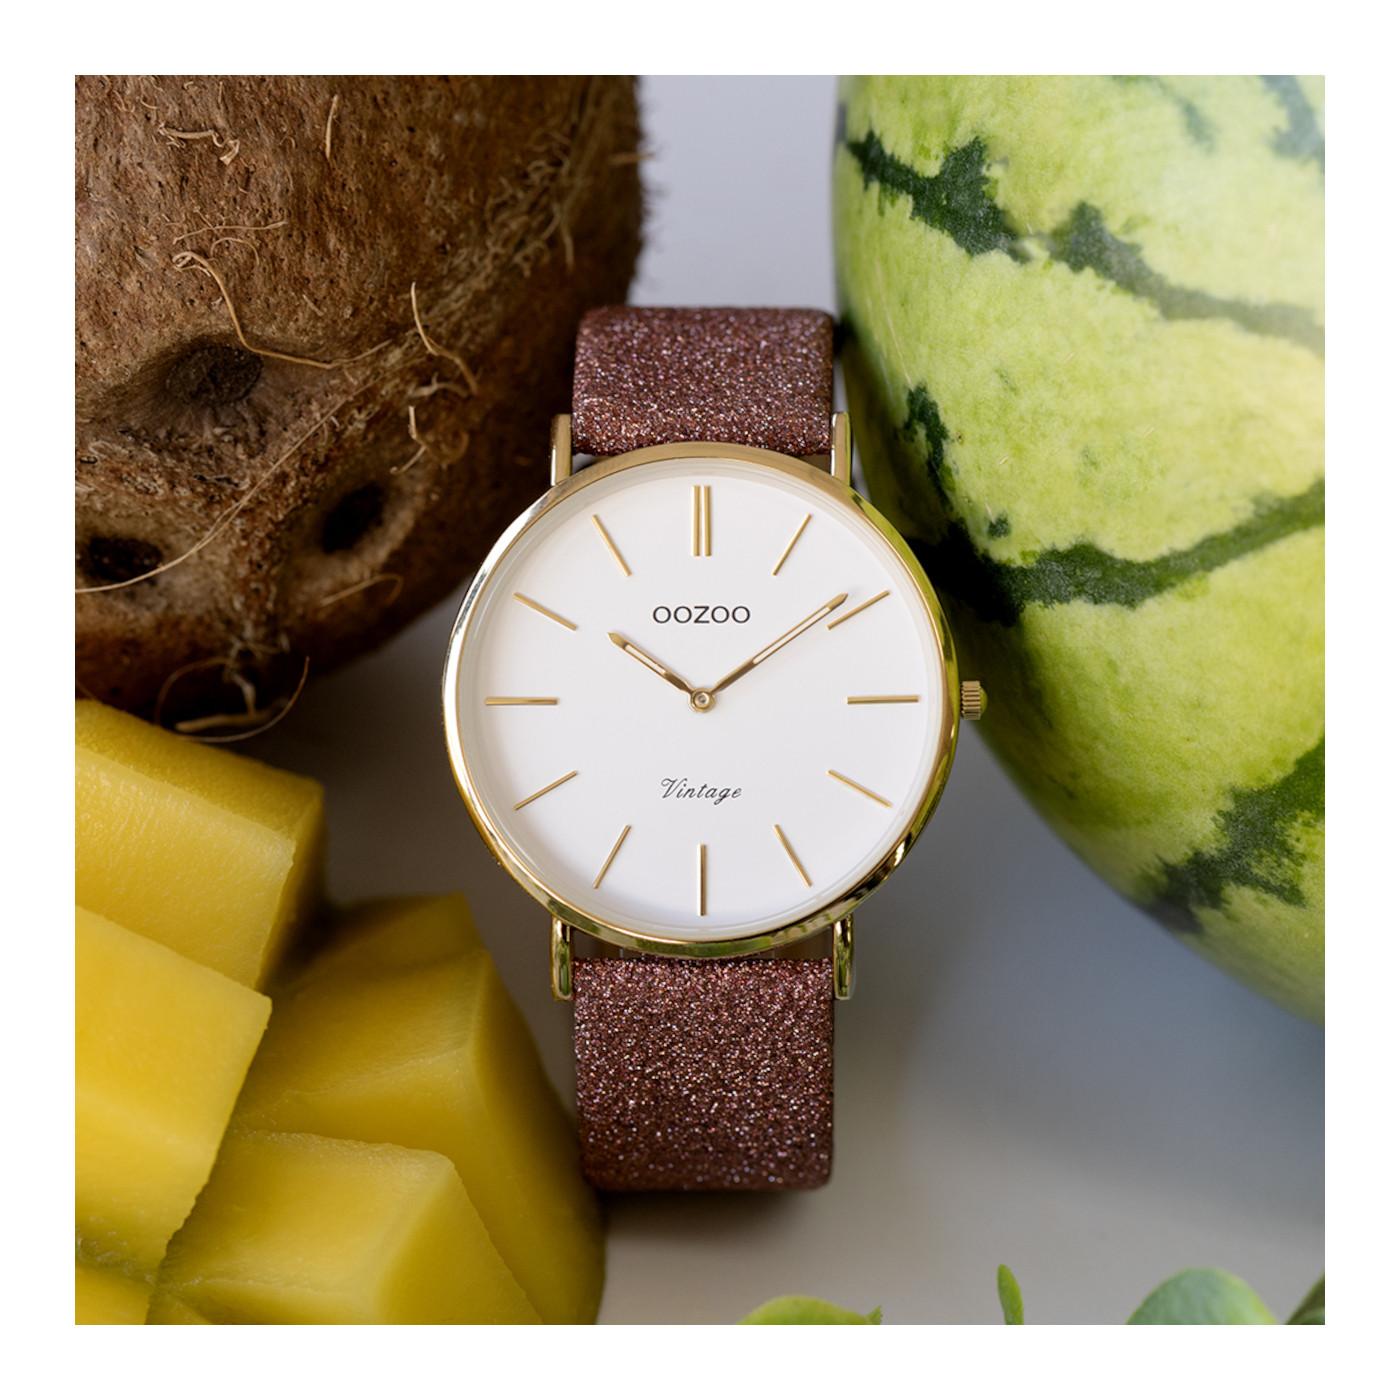 OOZOO Vintage horloge C20149